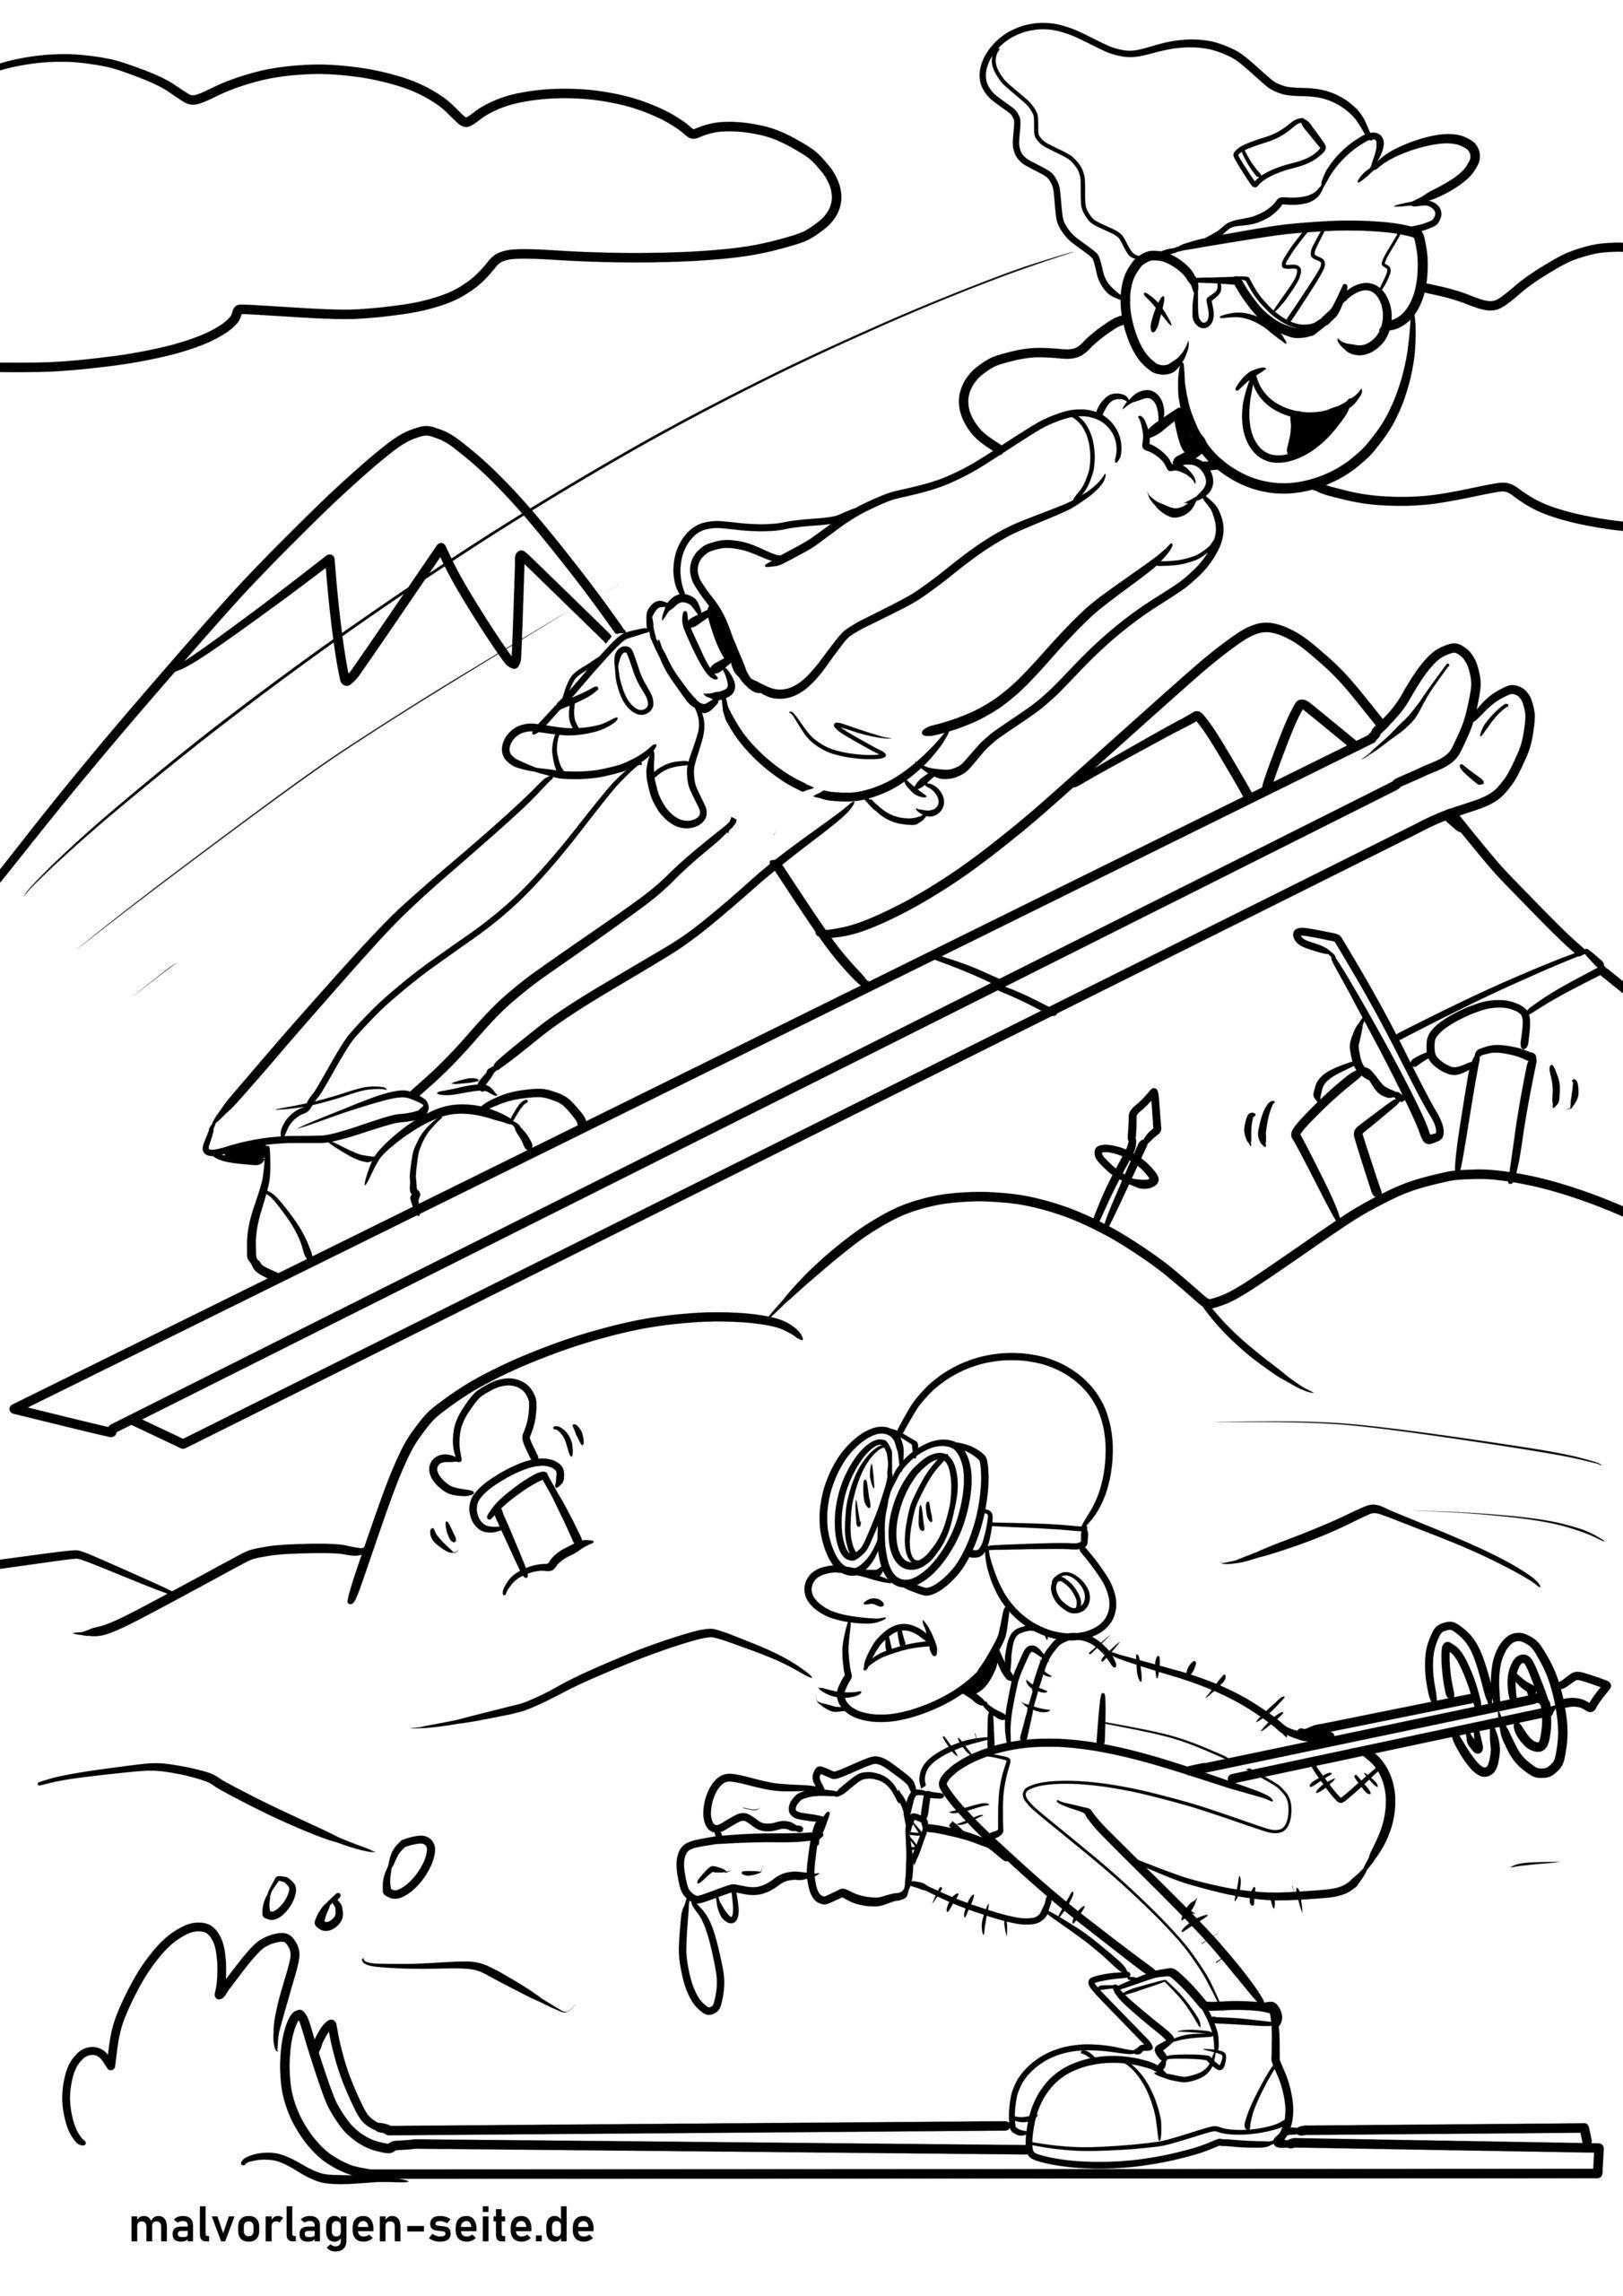 Χρωματισμός σελίδα χειμερινά σπορ